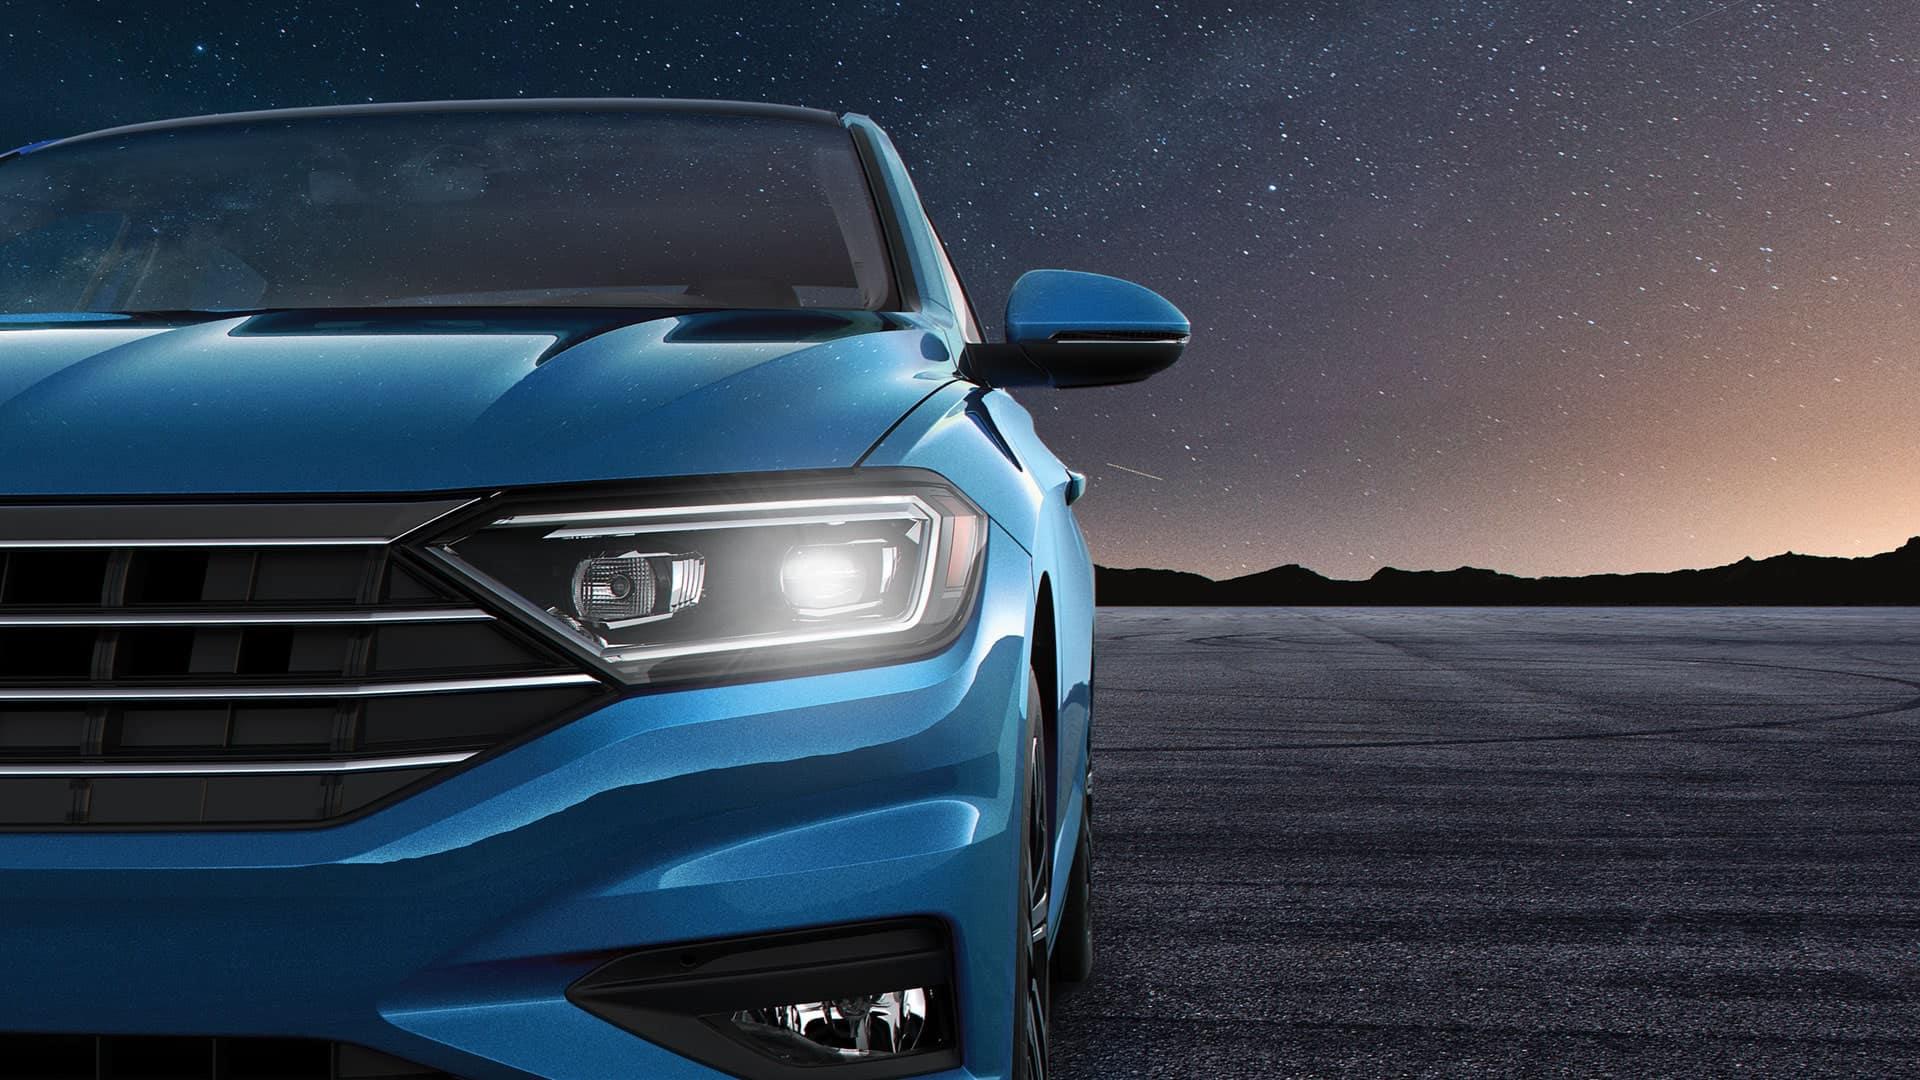 2019 VW Jetta automatic headlights